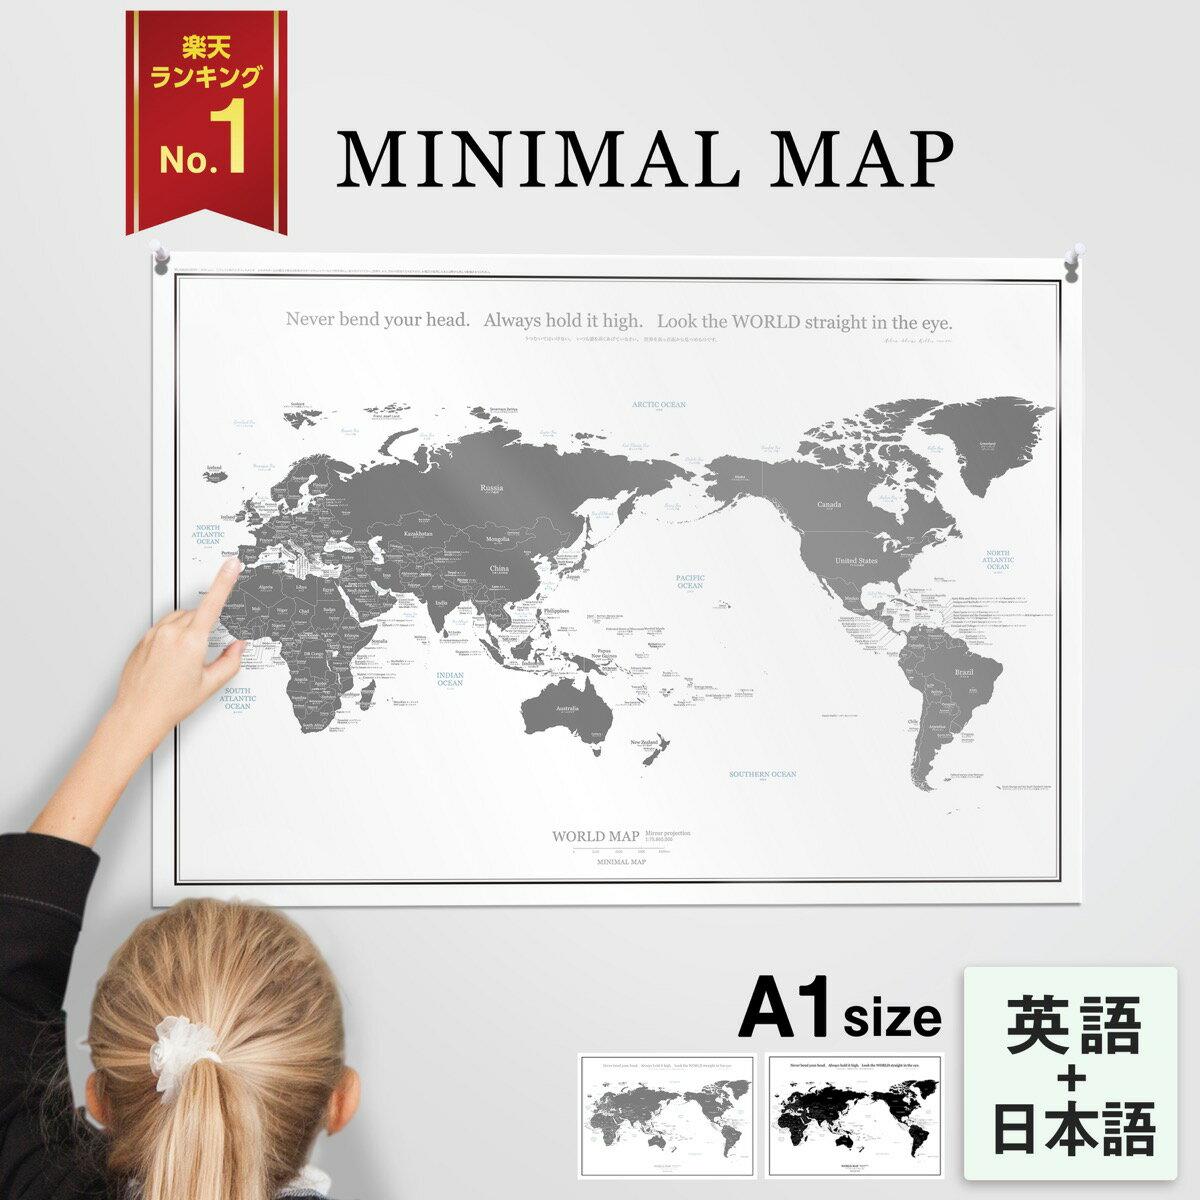 世界地図 A1 グレー ブラック ポスター インテリア おしゃれ 国名 白地図 こども ミニマルマップ Zoom背景 テレワーク オンライン cpy